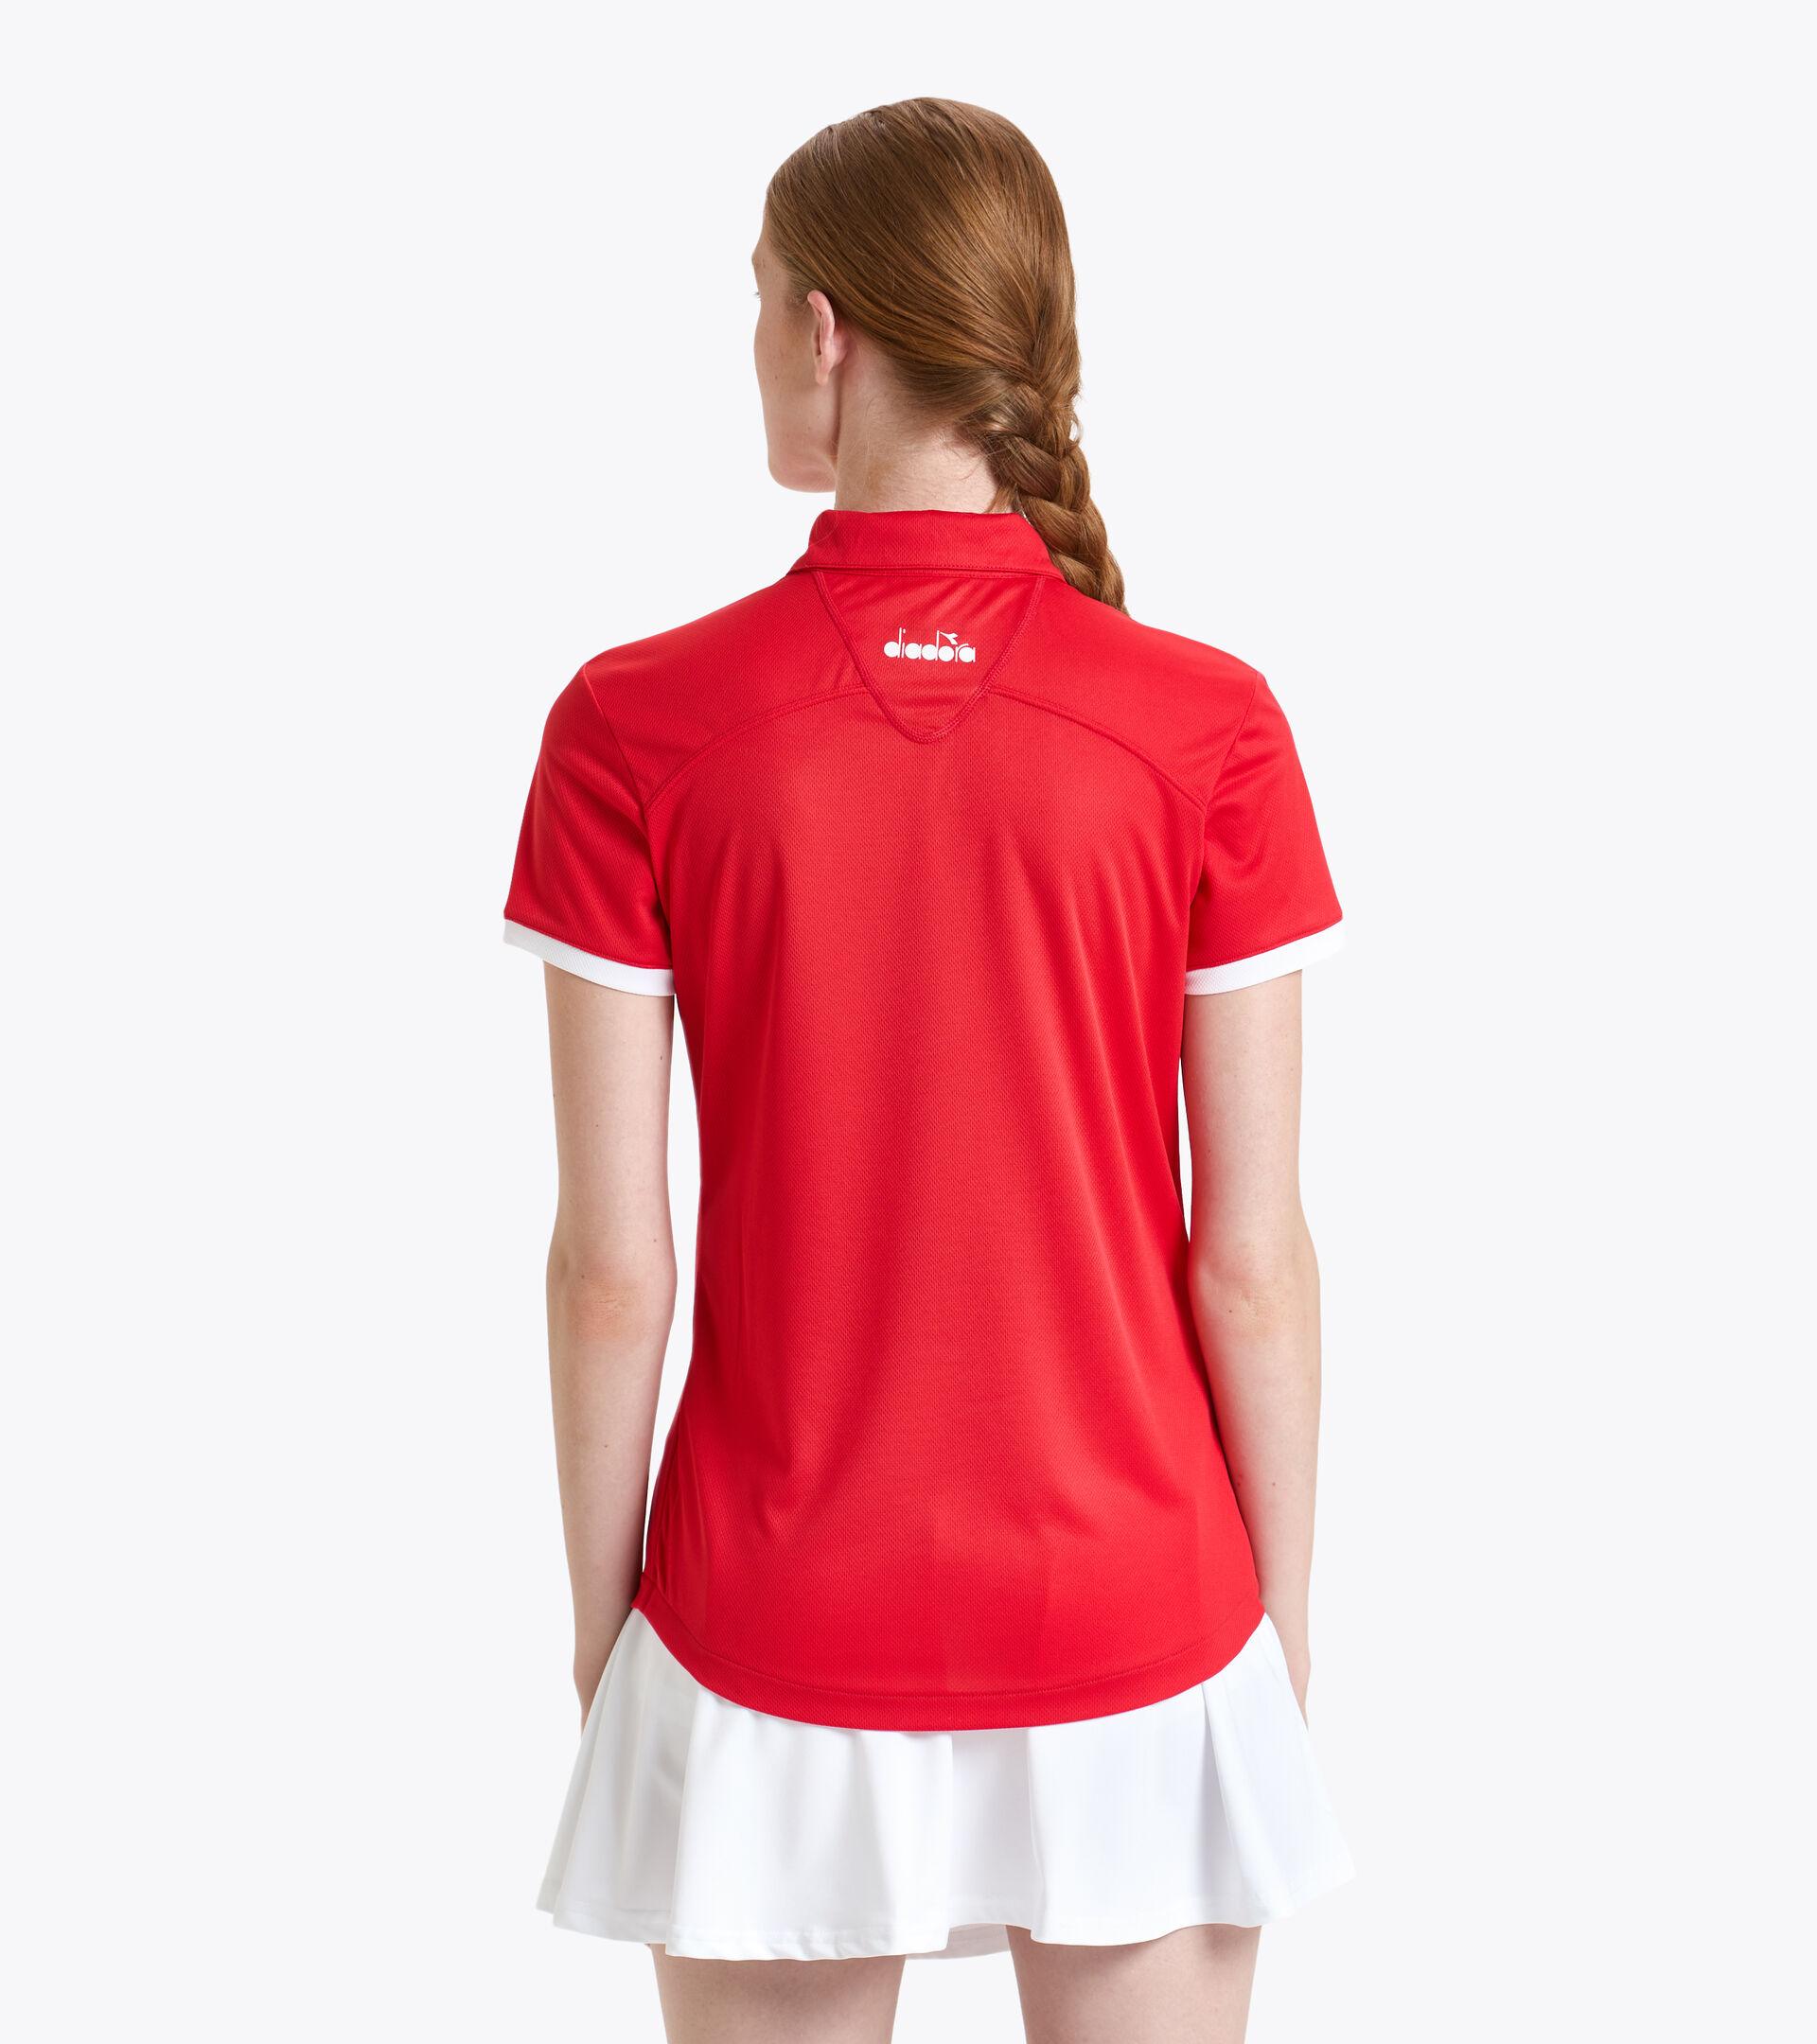 Apparel Sport DONNA L. POLO COURT TOMATO RED Diadora